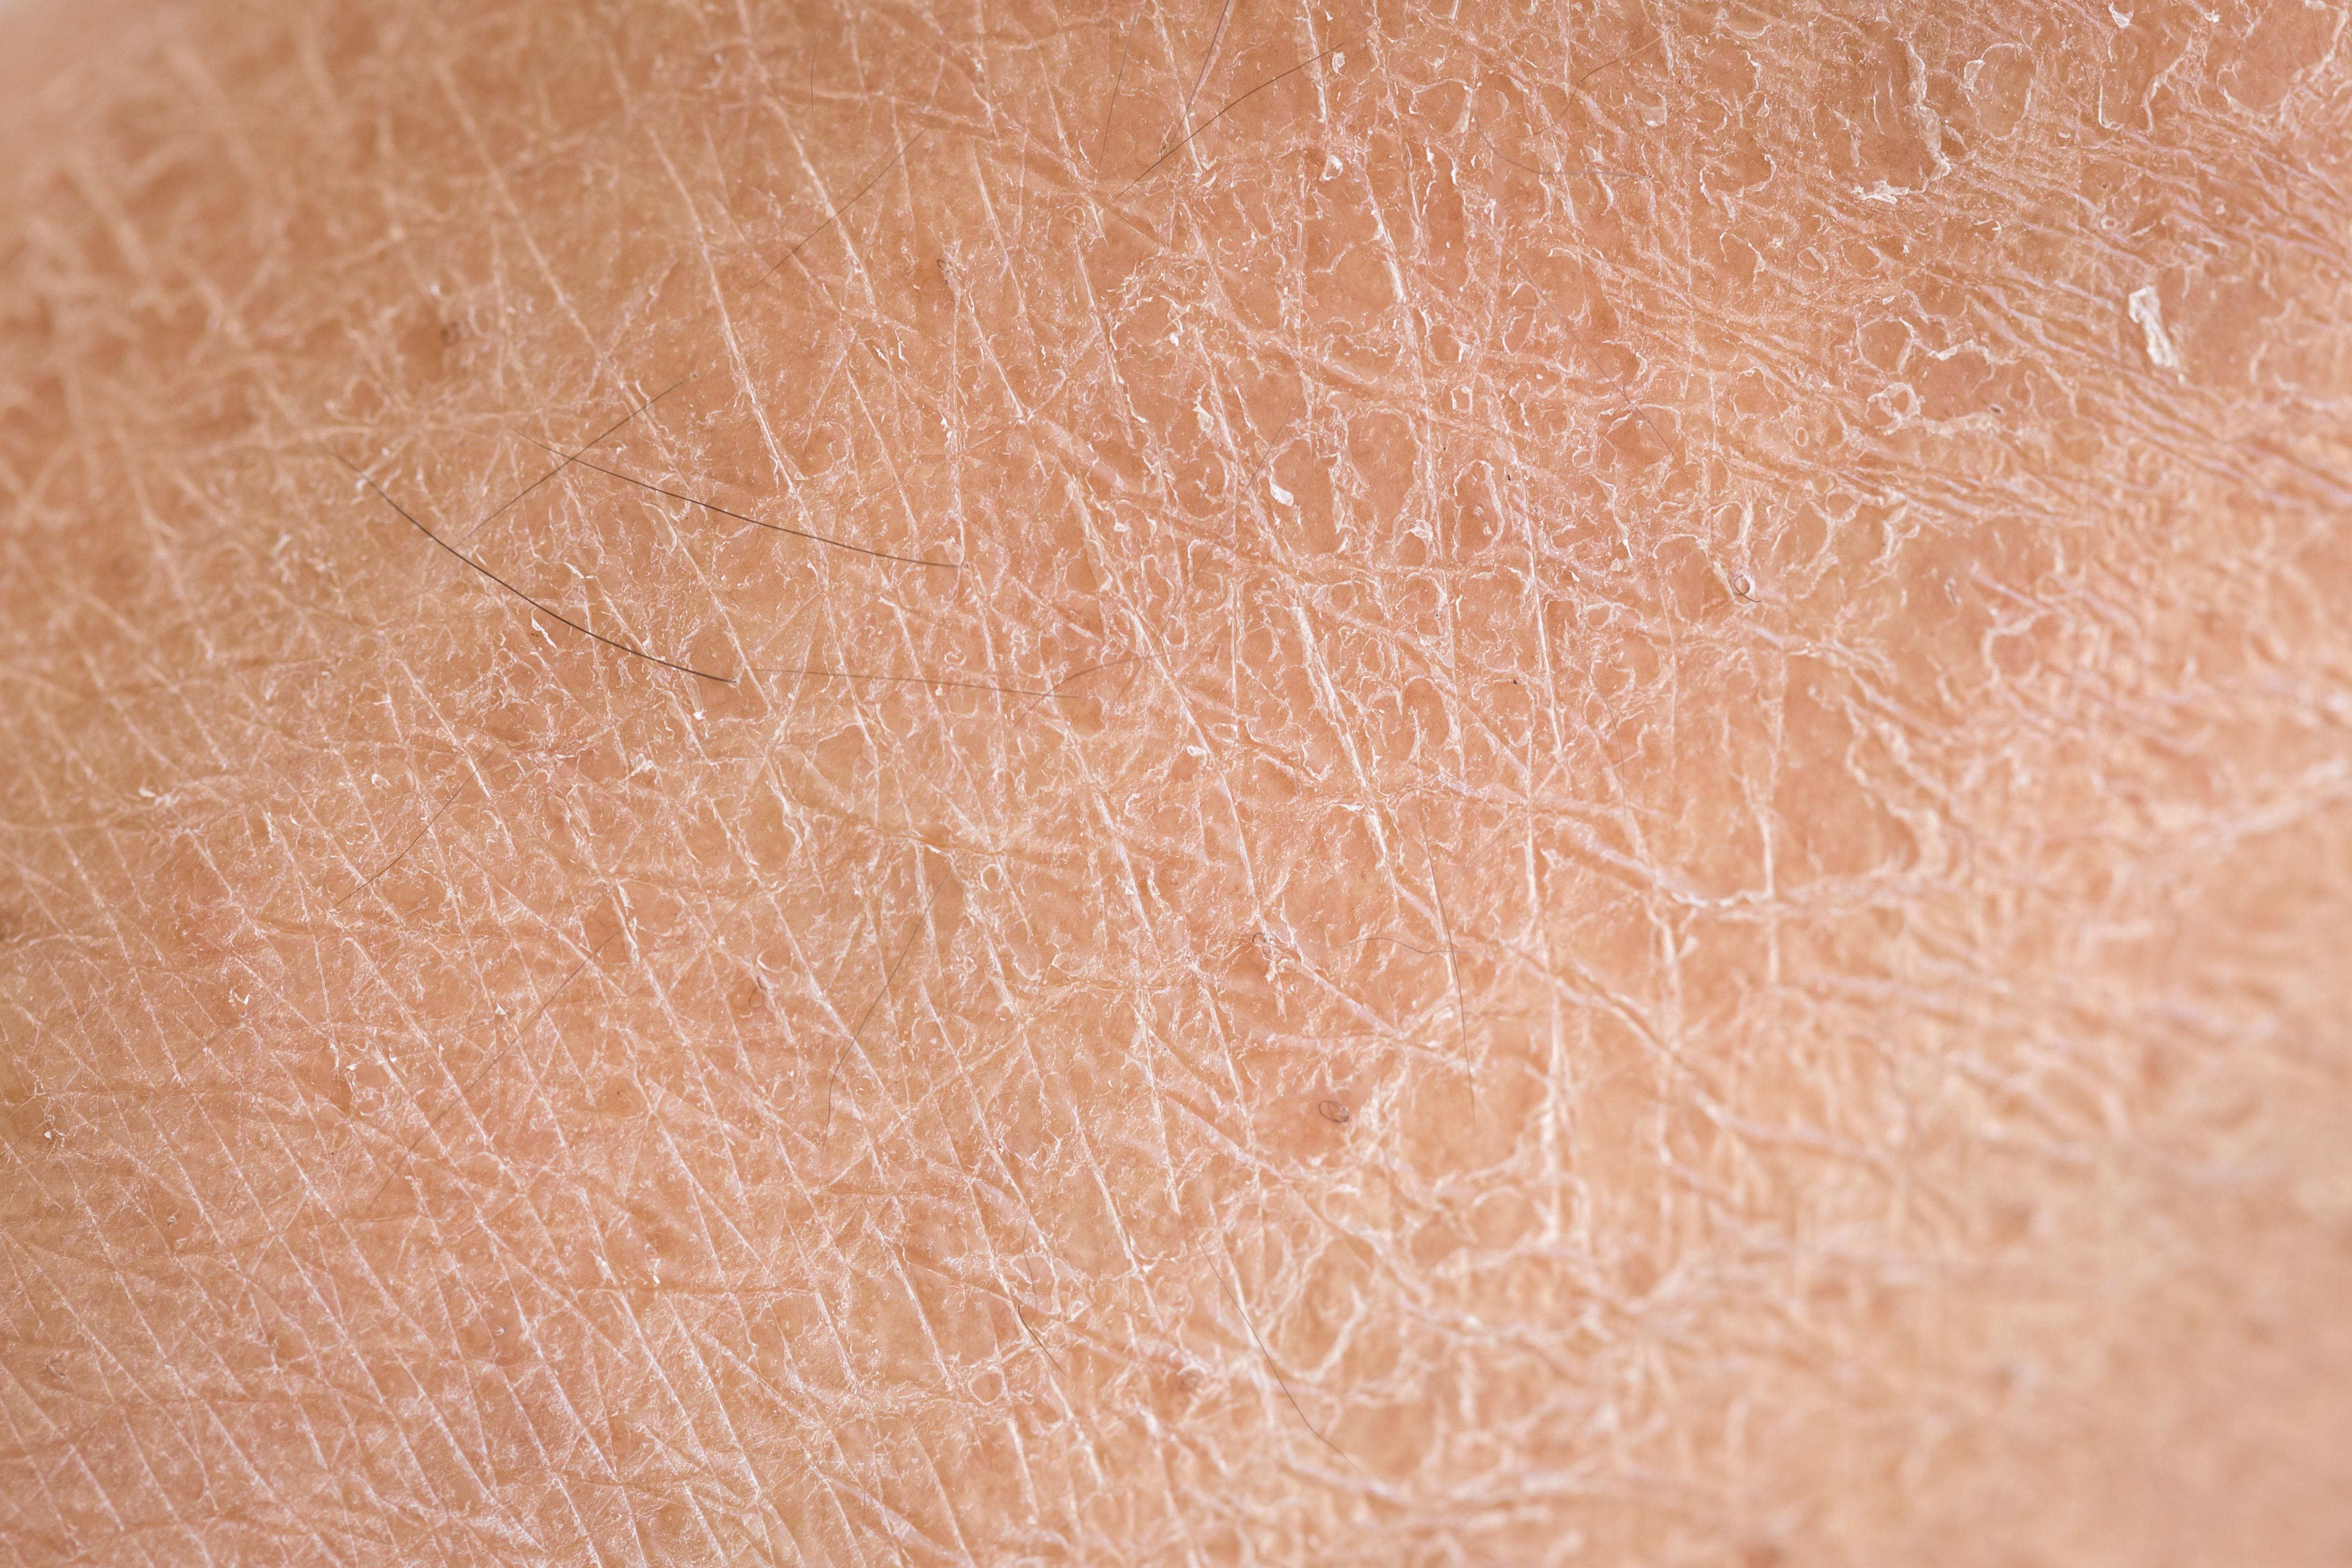 Serum for dry skin